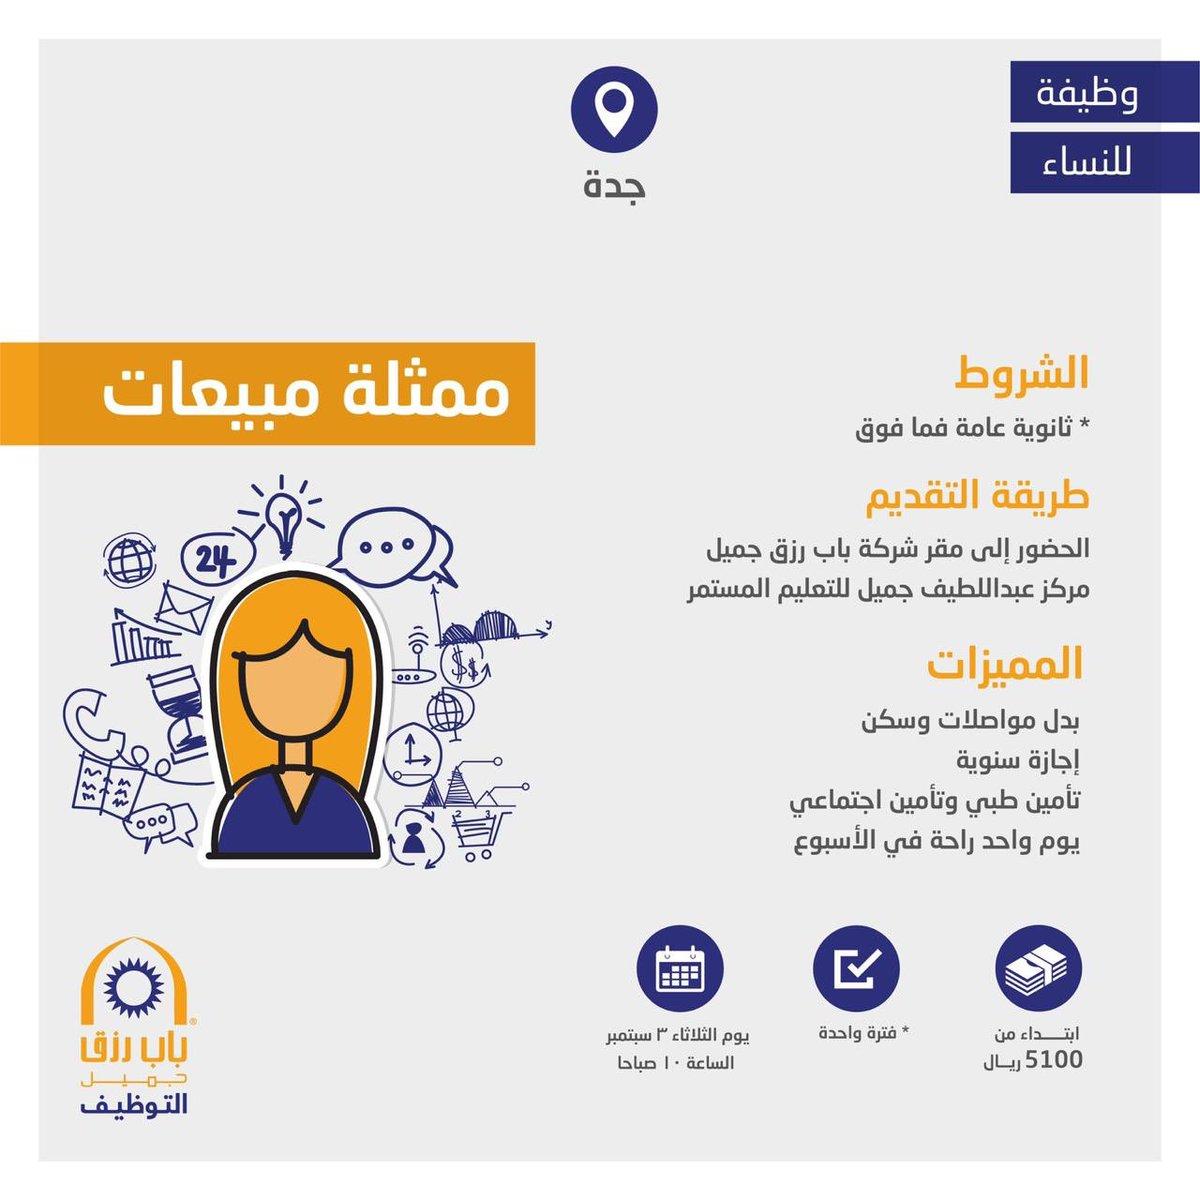 باب رزق جميل يعلن عن وظائف للنساء بمسمى ممثلة مبيعات صحيفة وظائف الإلكترونية